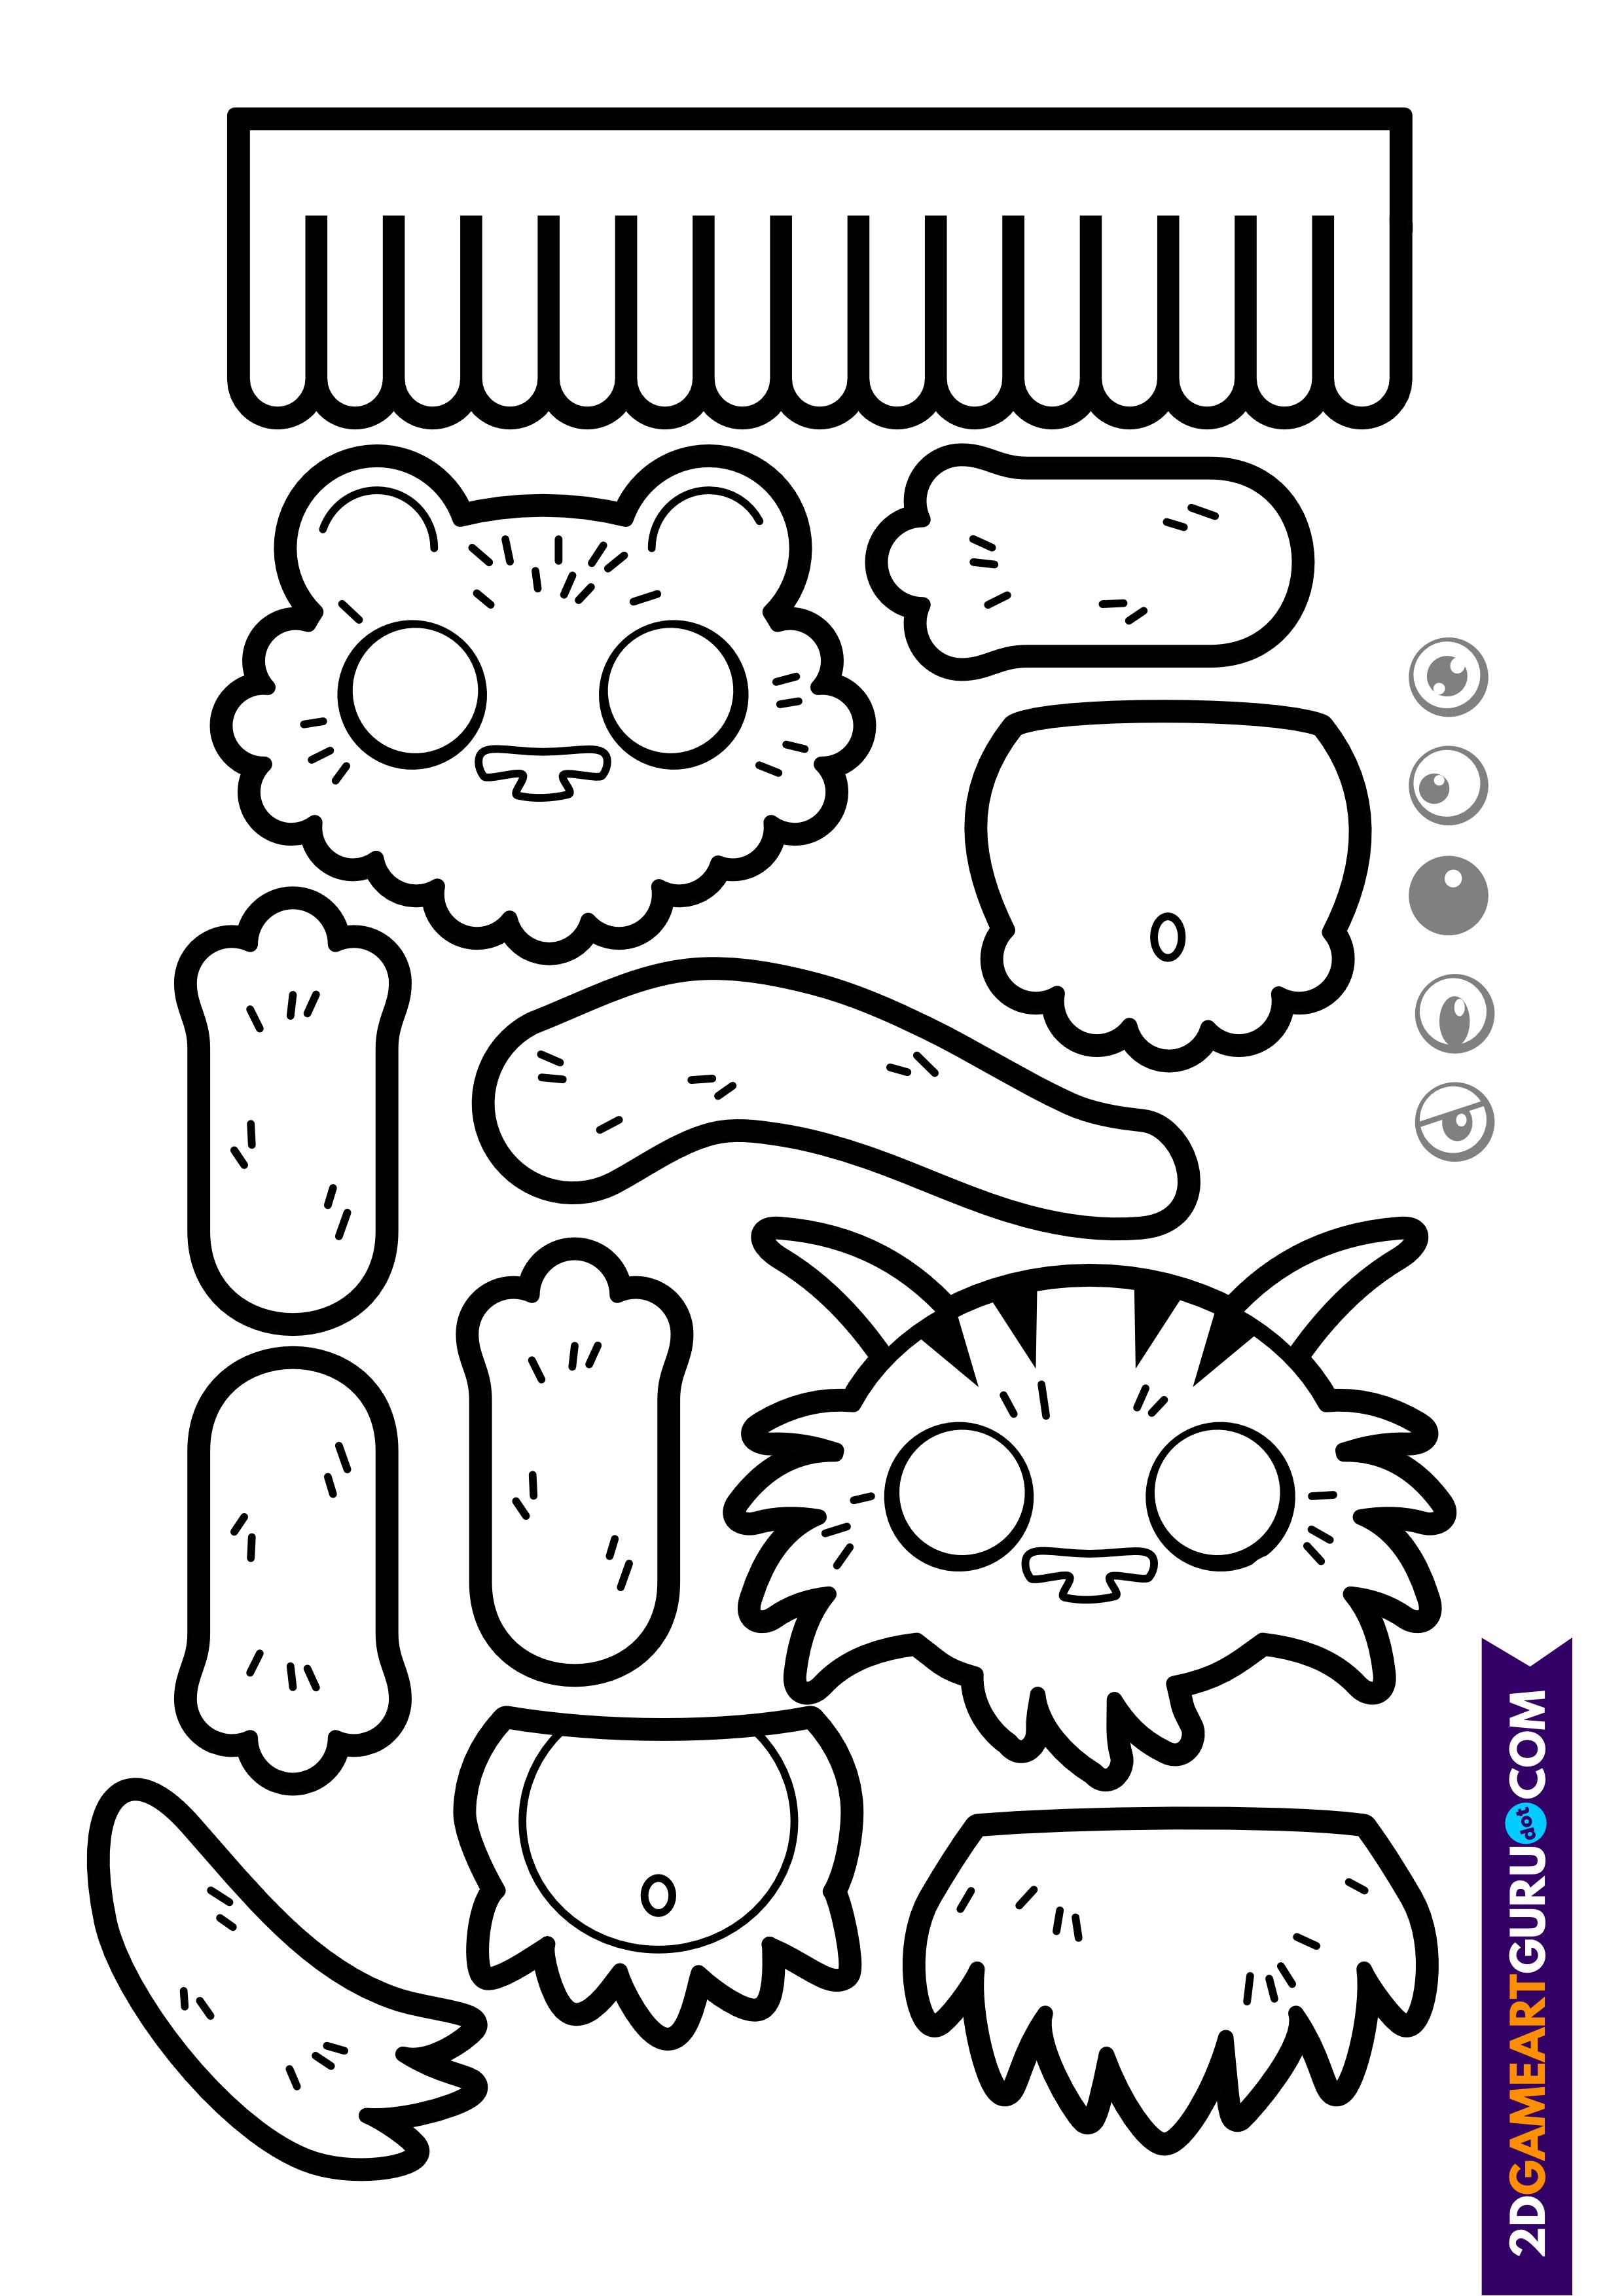 2dgameartguru - craft sheet monsters 1